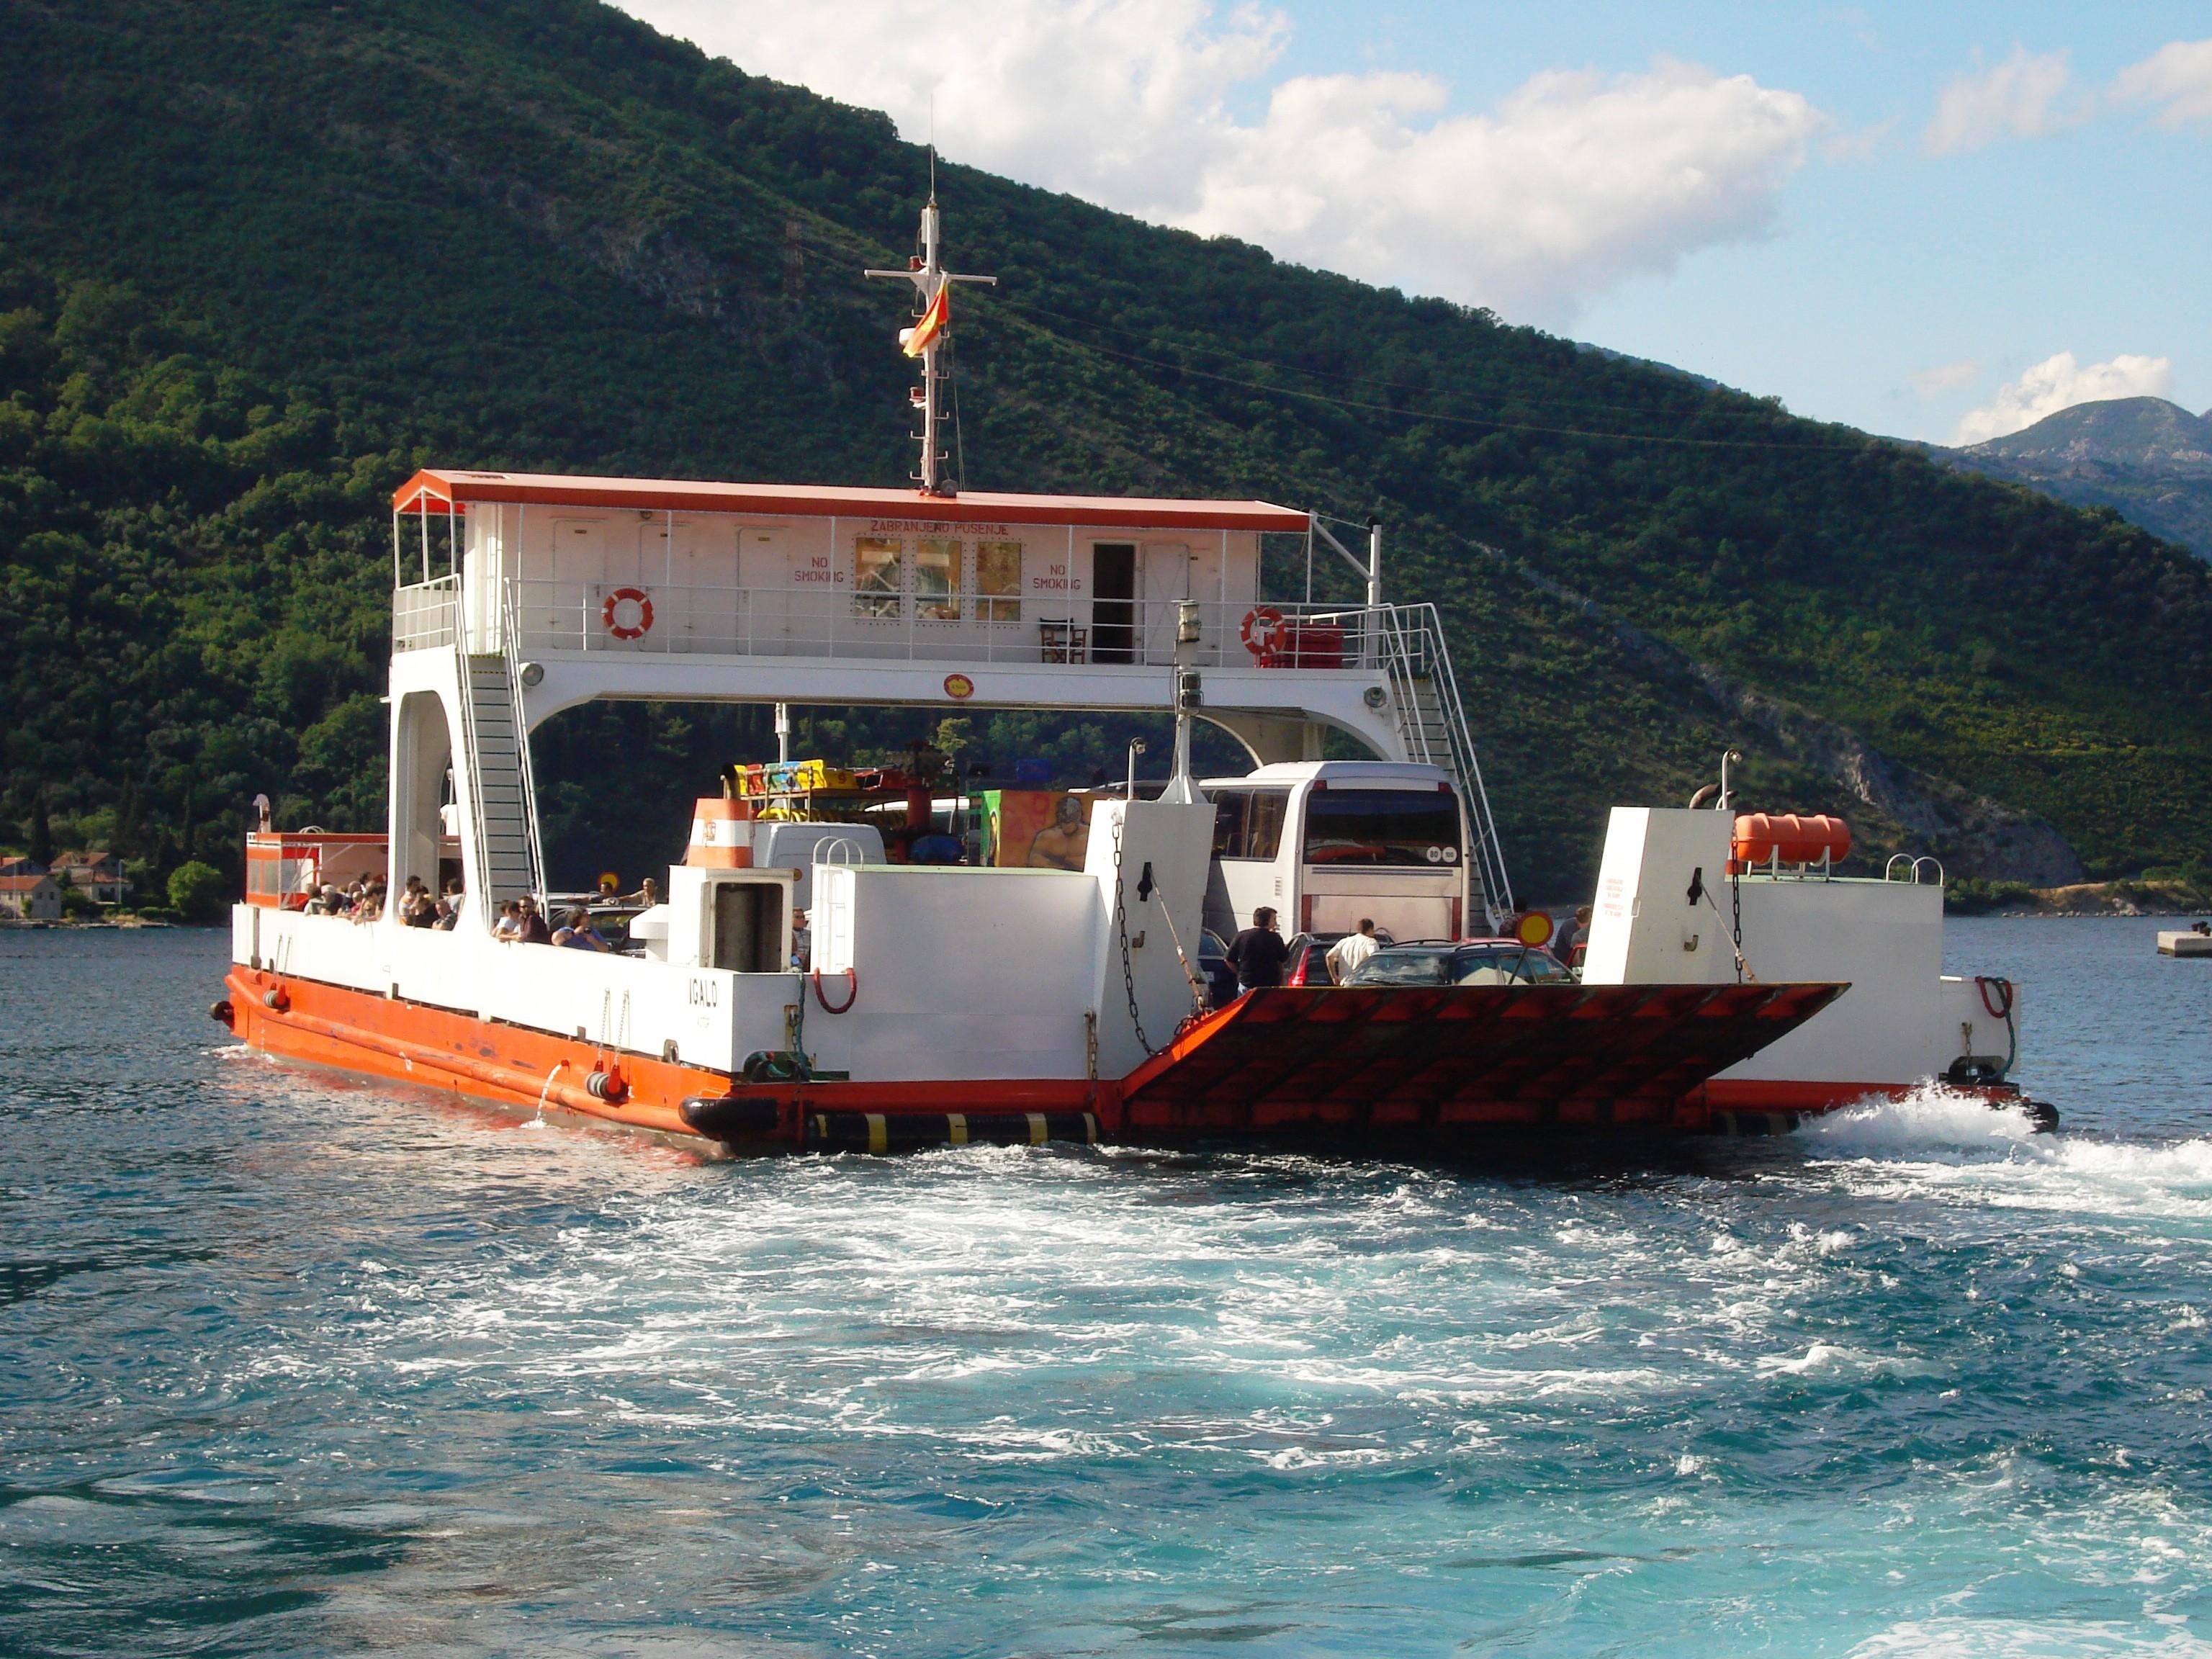 Pomorski saobraćaj, trajekt